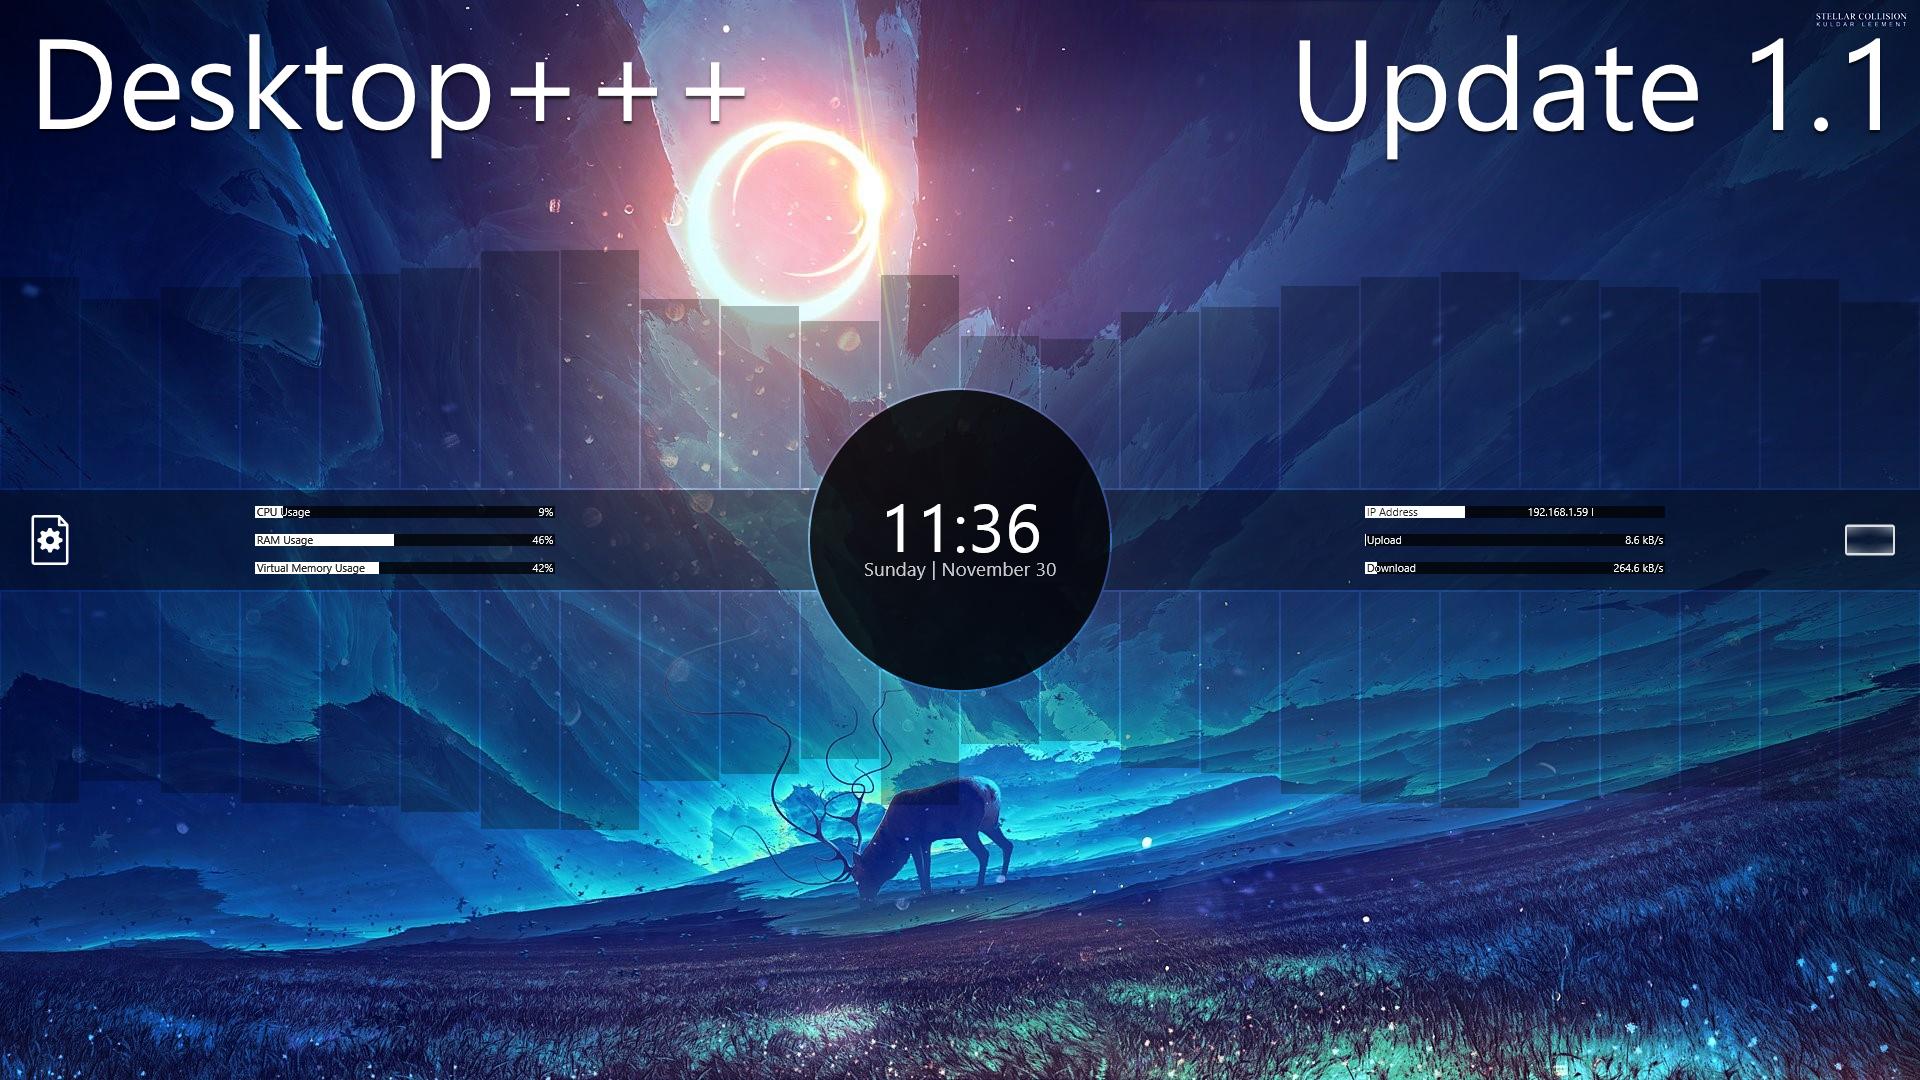 Desktop+++ v1.1.2 by Fiftyniner